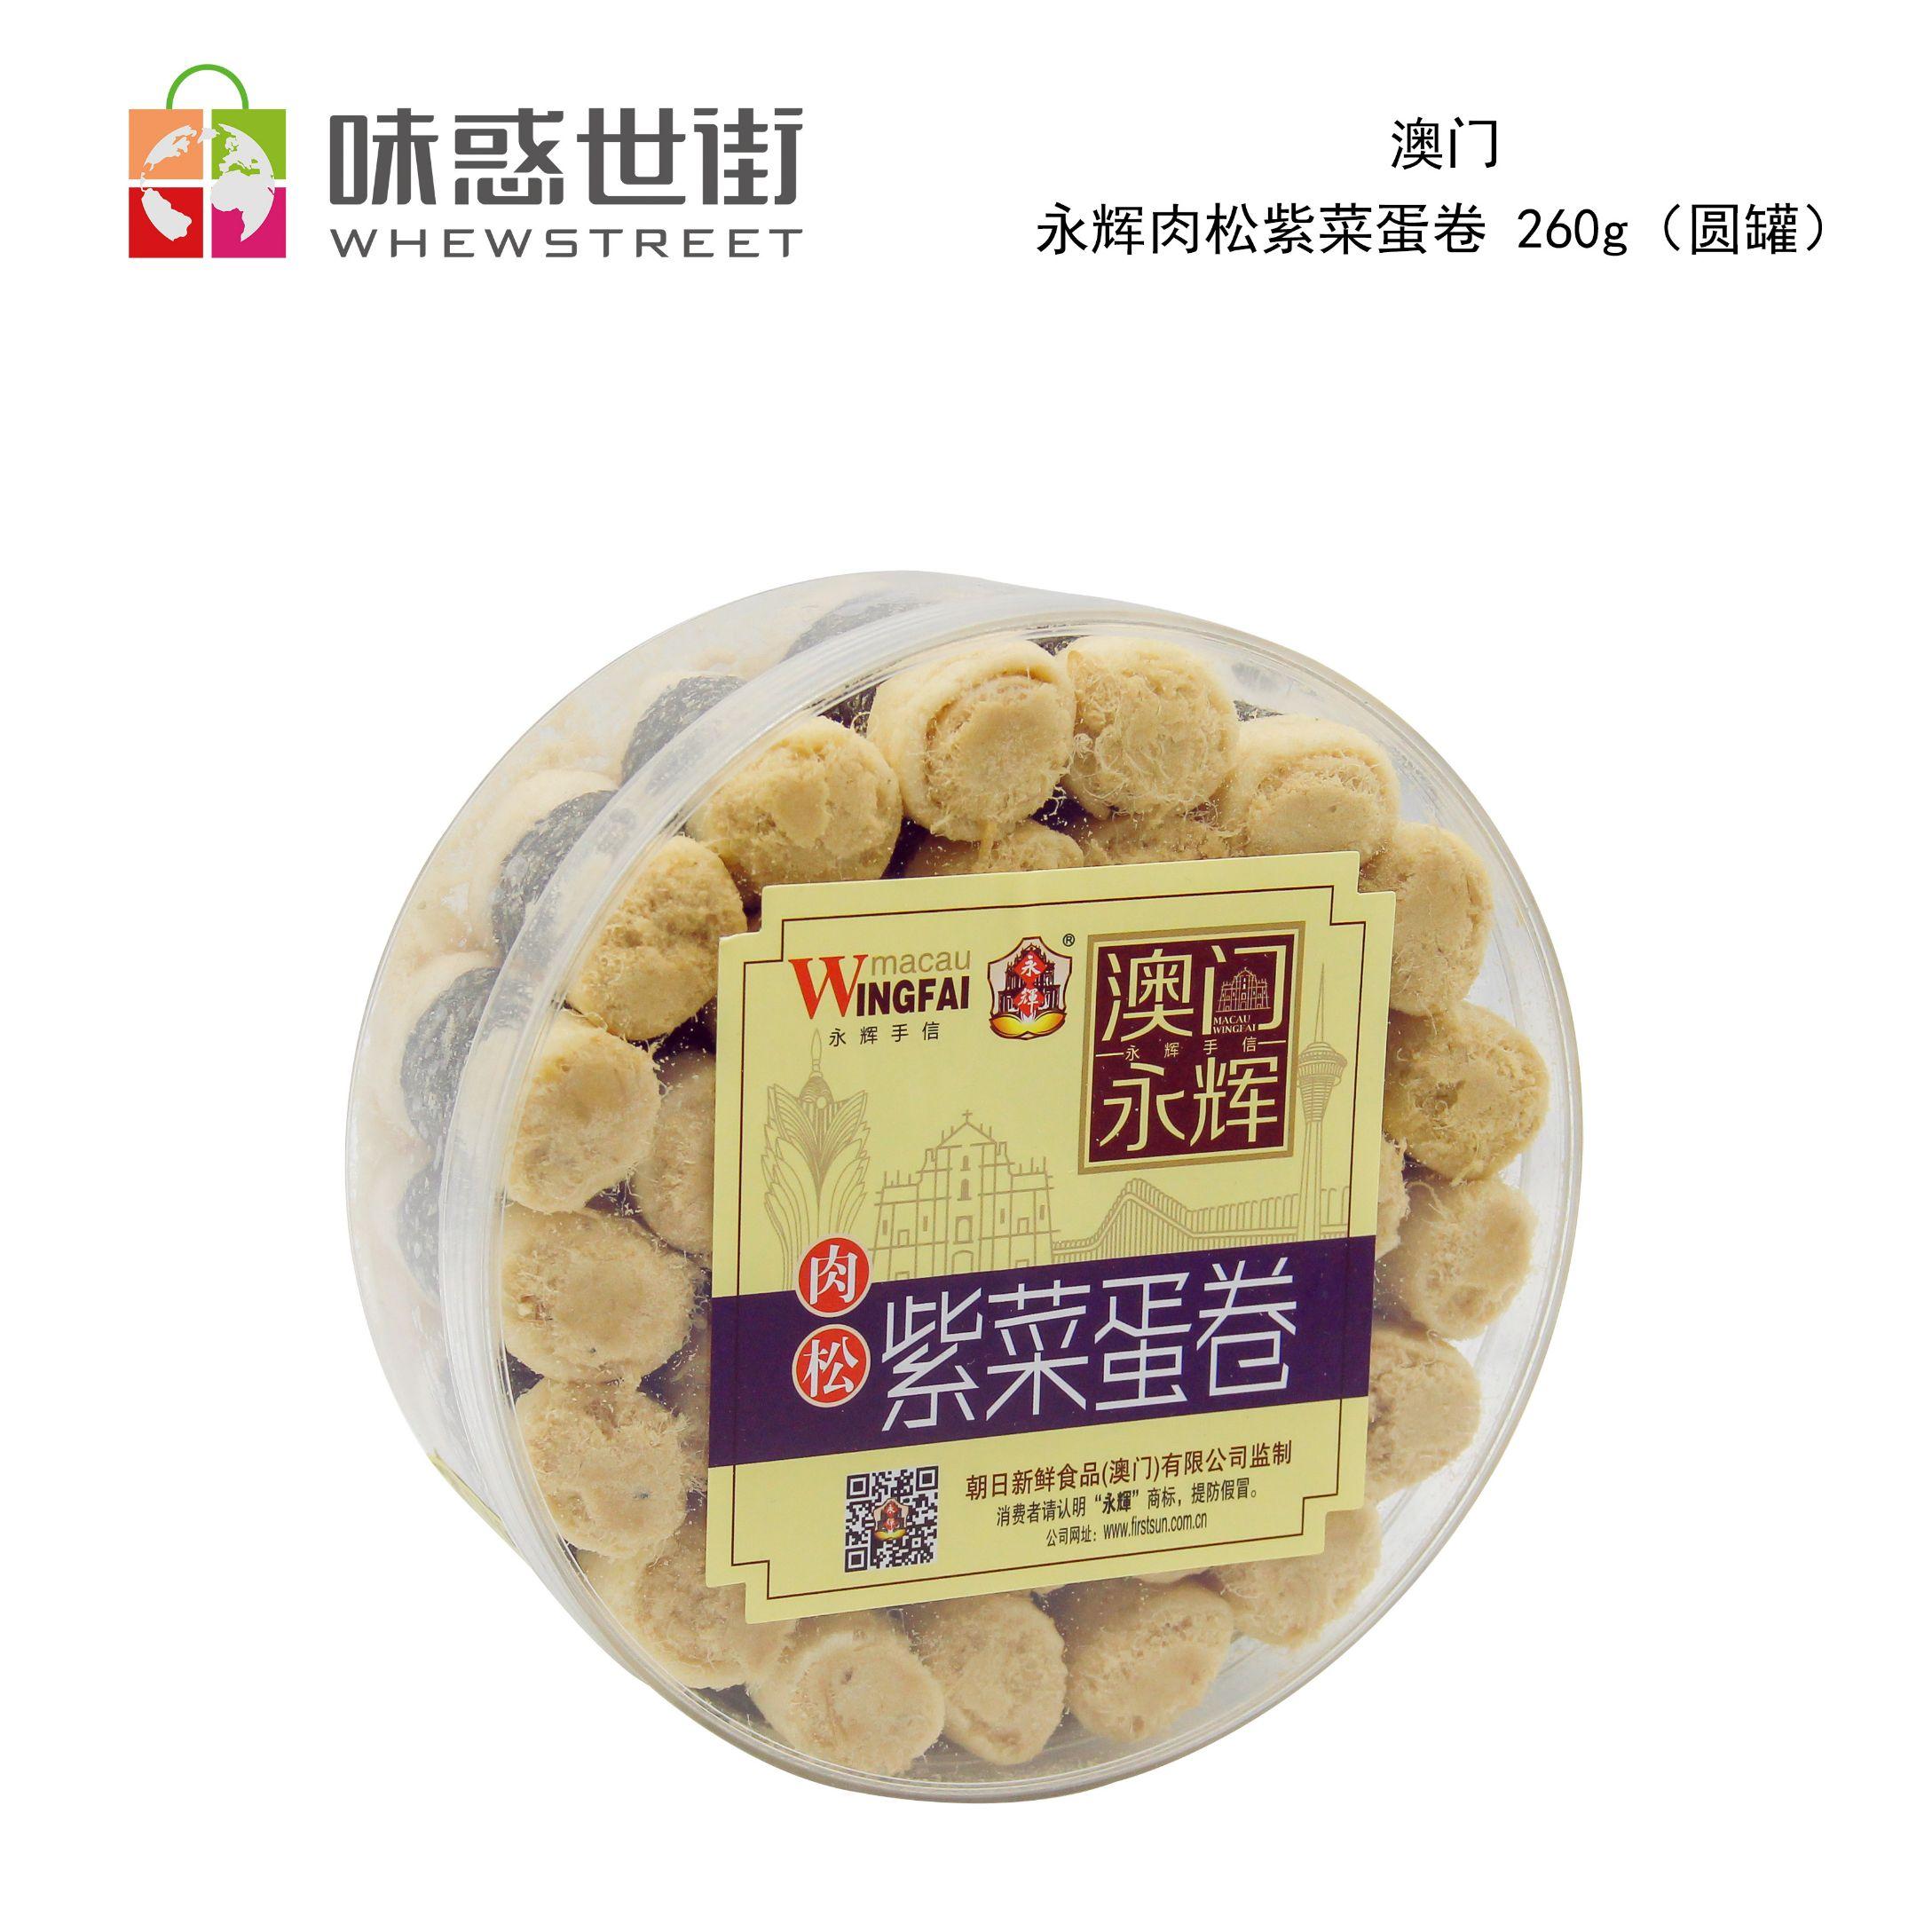 澳门永辉肉松芝麻蛋卷(紫菜味)260g(圆罐)